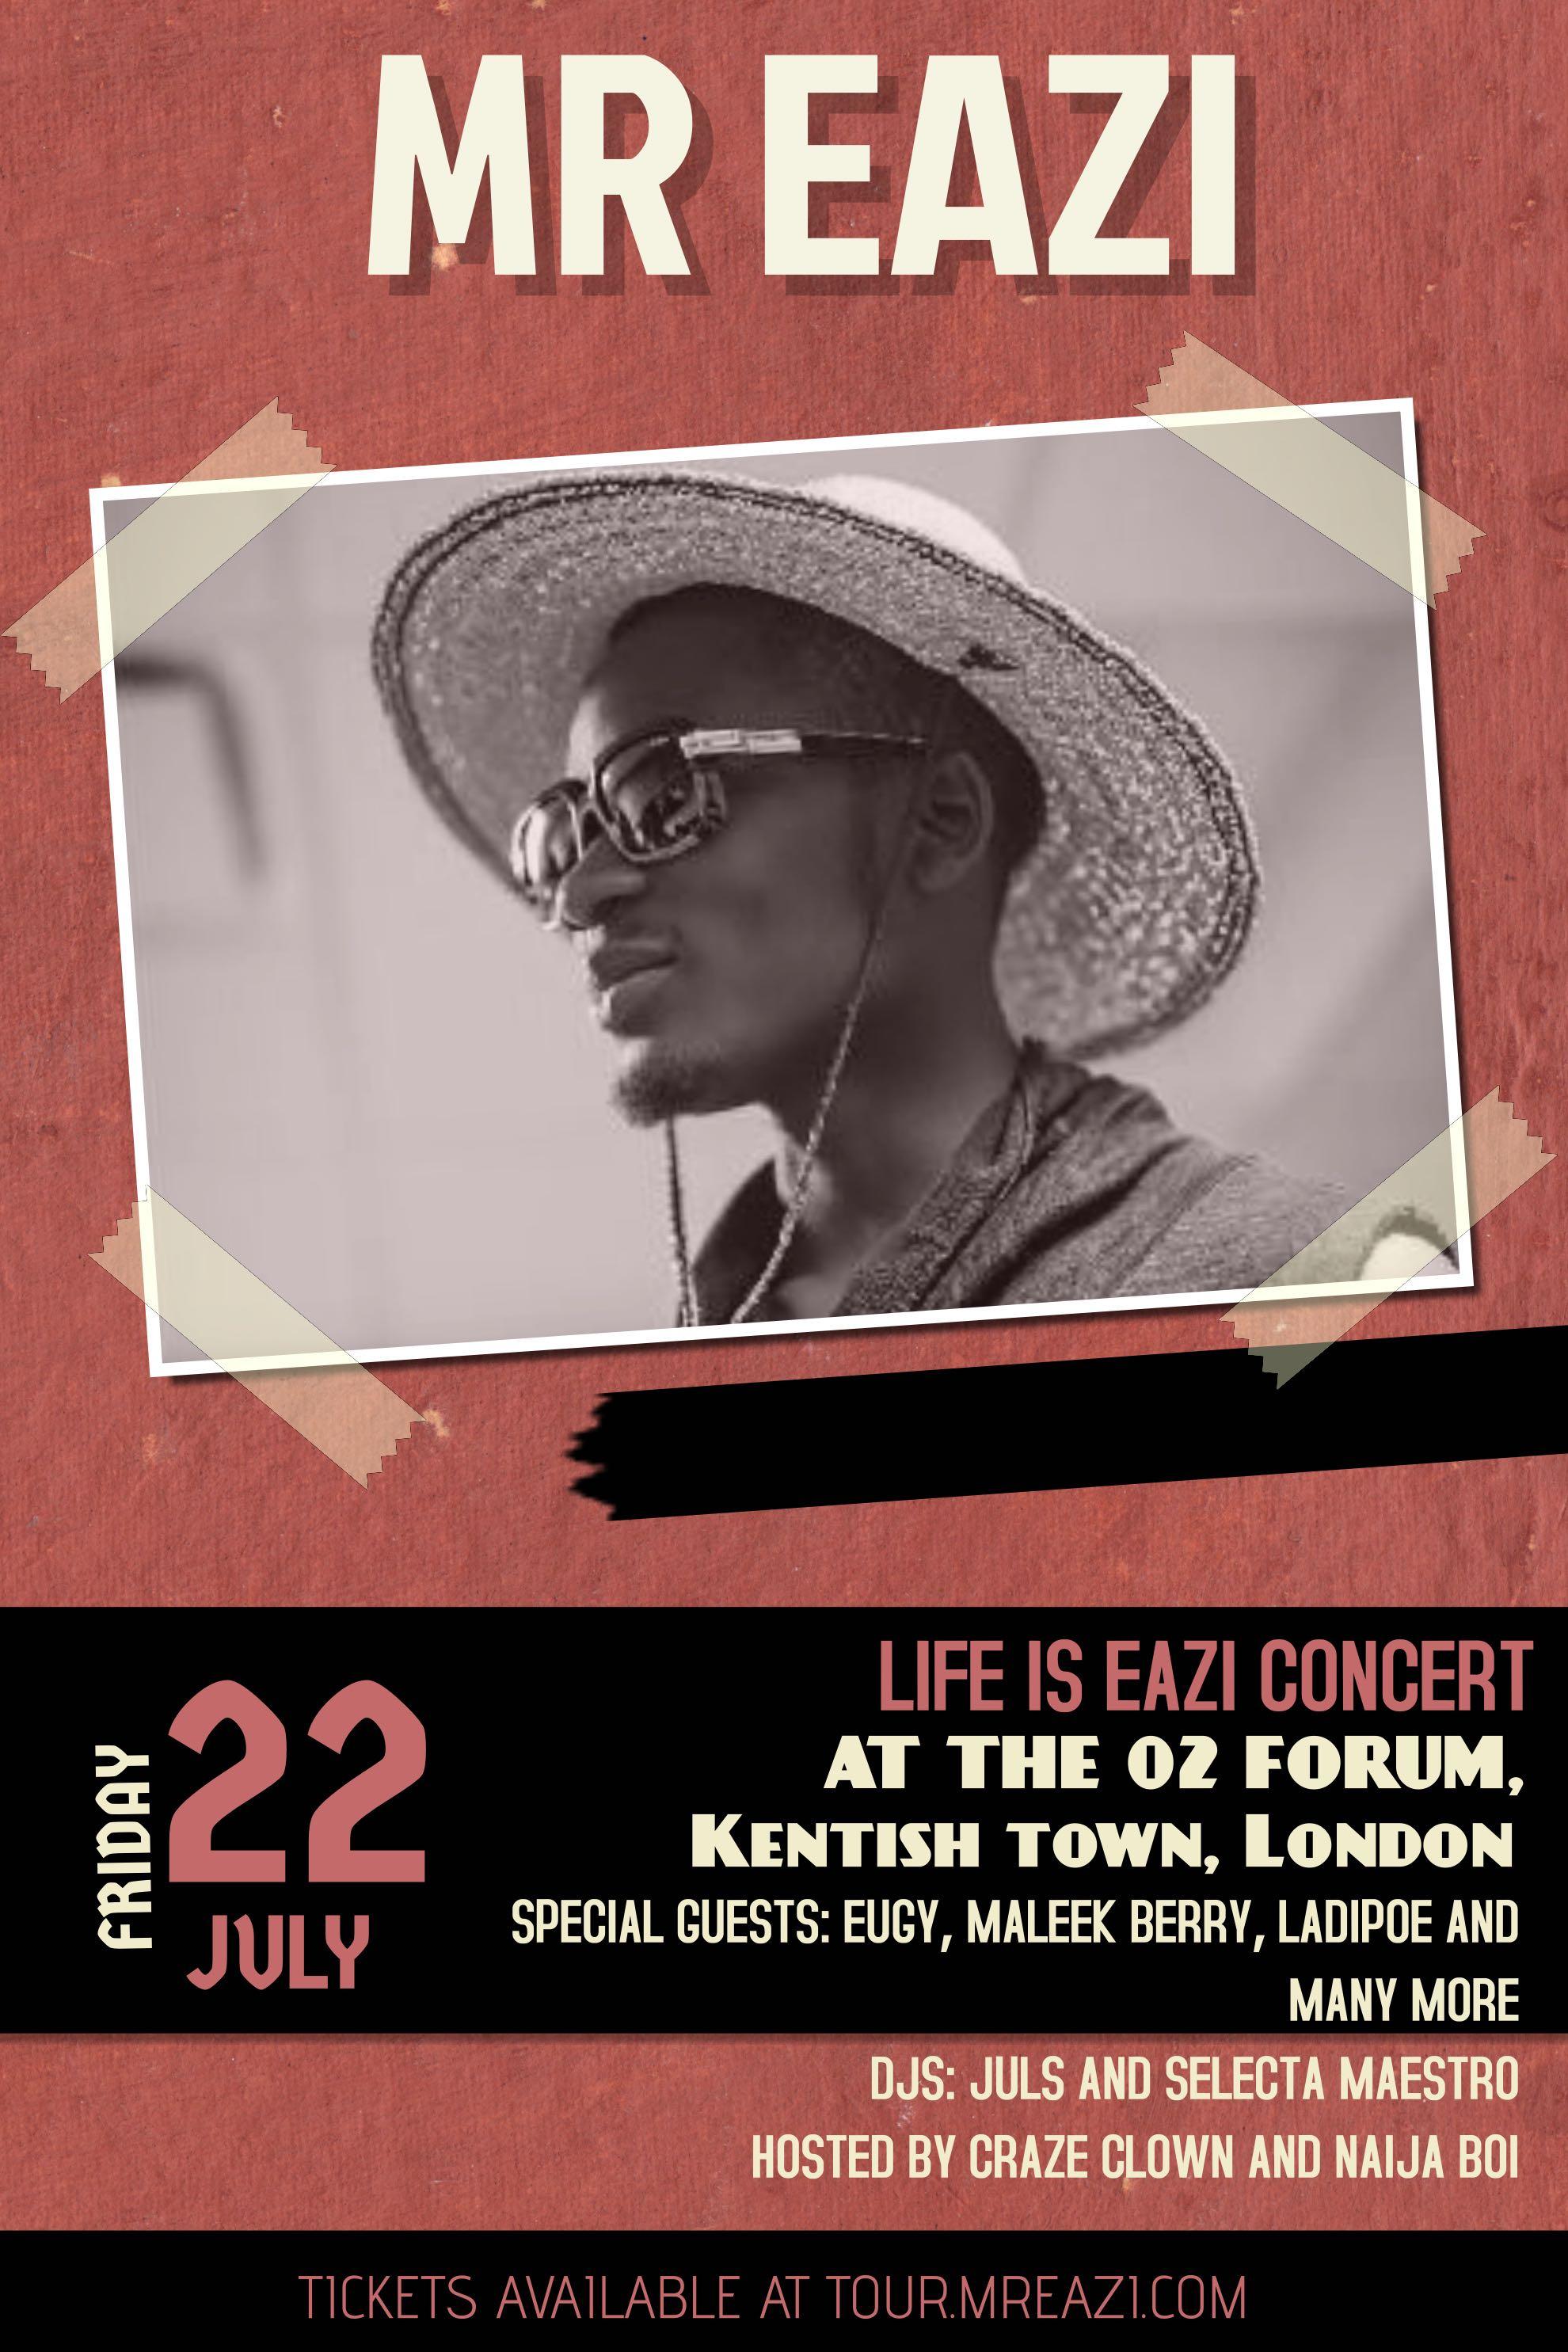 Life is EAZI